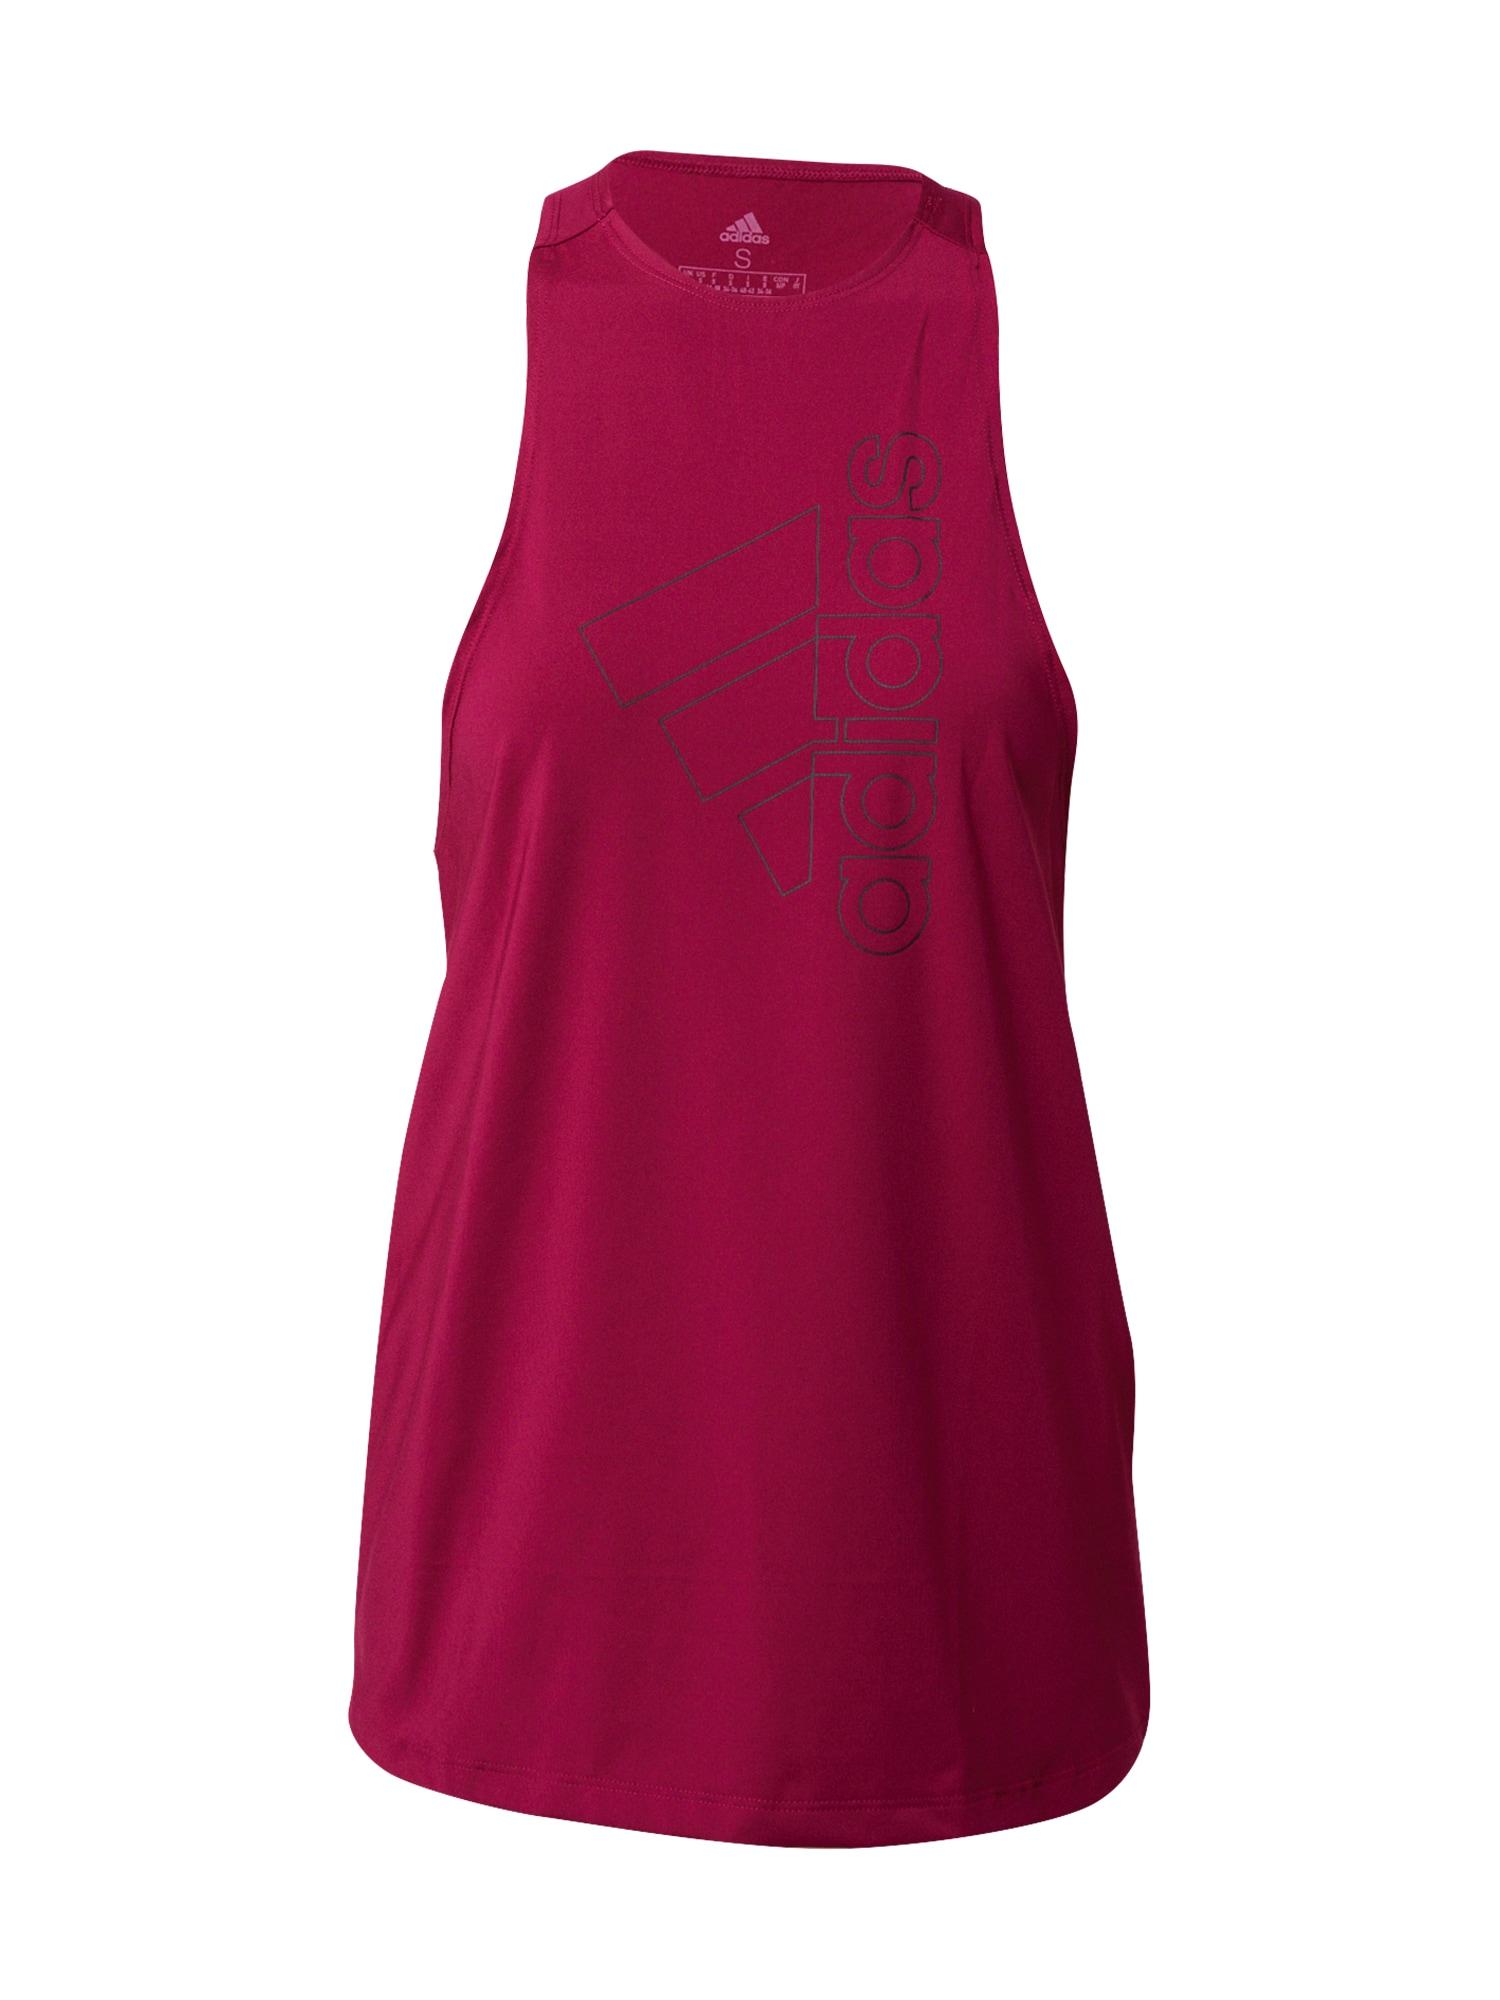 ADIDAS PERFORMANCE Sportiniai marškinėliai be rankovių eozino spalva / nakties mėlyna